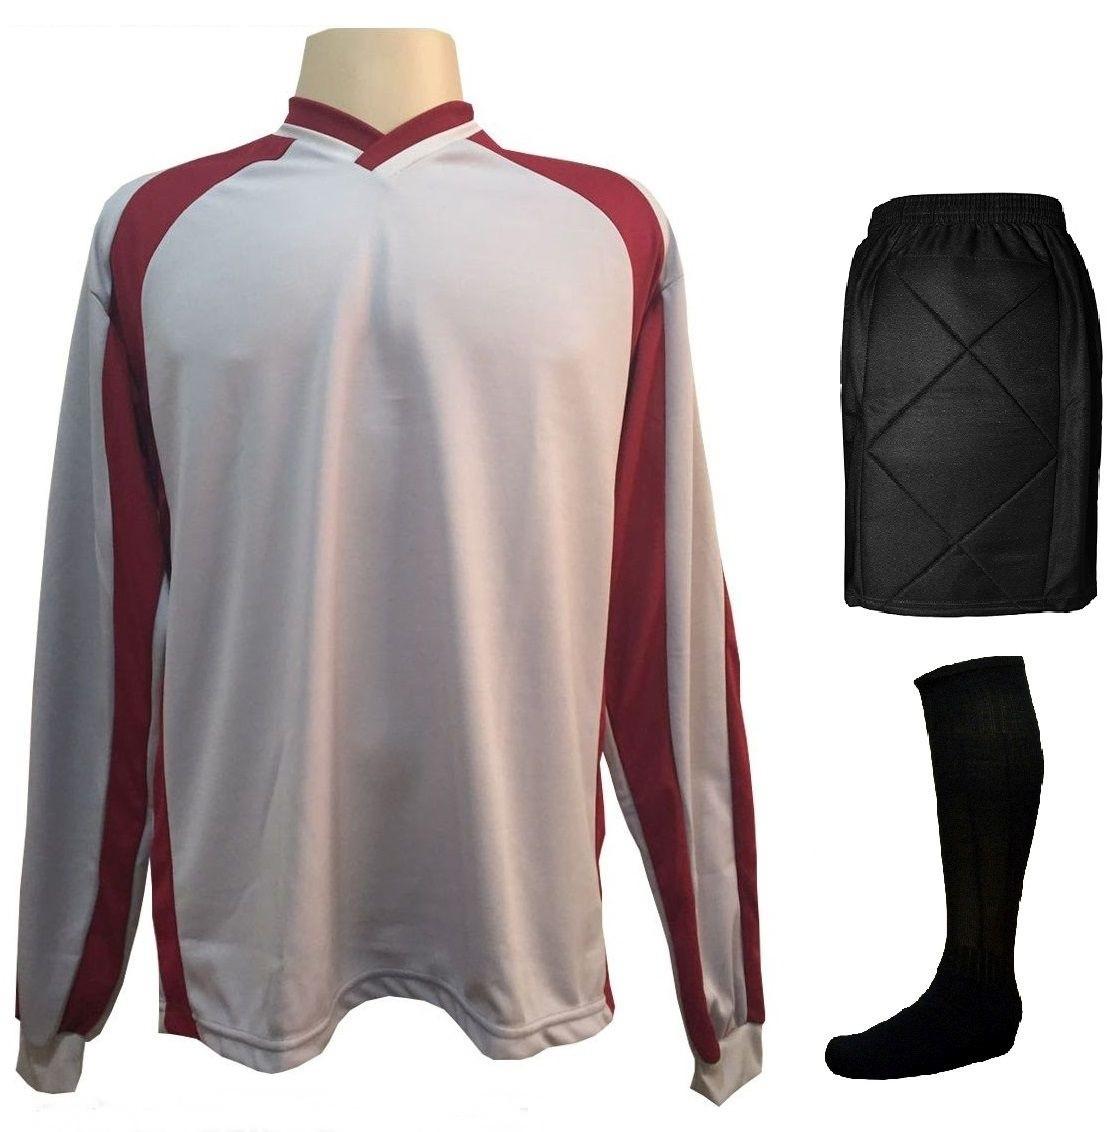 Uniforme Esportivo Completo Modelo Suécia 14+1 (14 Camisas Royal/Branco + 14 Calções Modelo Copa Royal/Branco + 14 Pares de Meiões Royal + 1 Conjunto de Goleiro) + Brindes